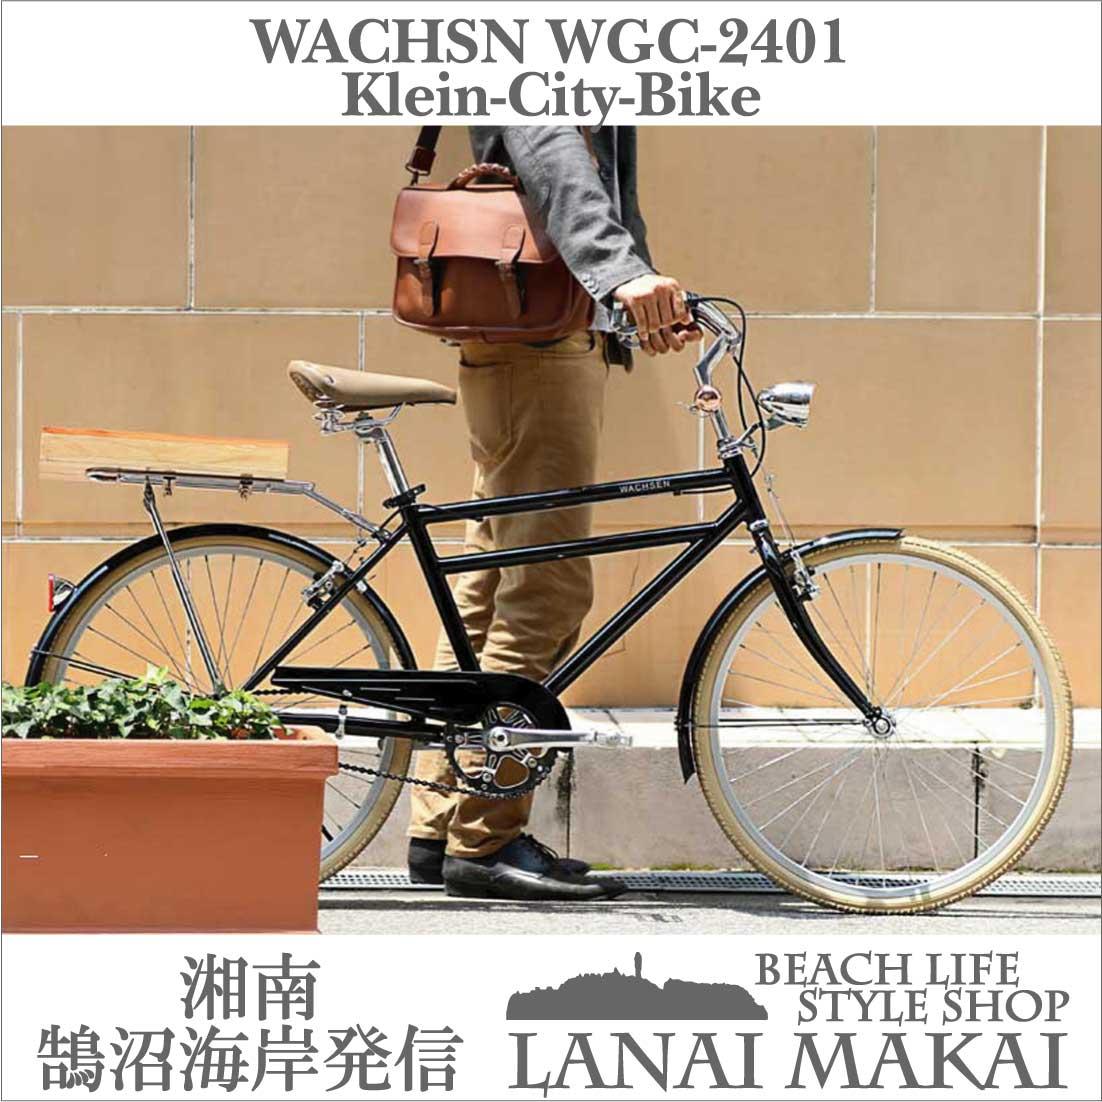 """【WACHSEN シティーバイク】WGC-2401 """"Klein クライン""""""""湘南鵠沼海岸発信""""シティーバイク クラシック 24インチ ヴァクセン 人気 おしゃれ おすすめ"""